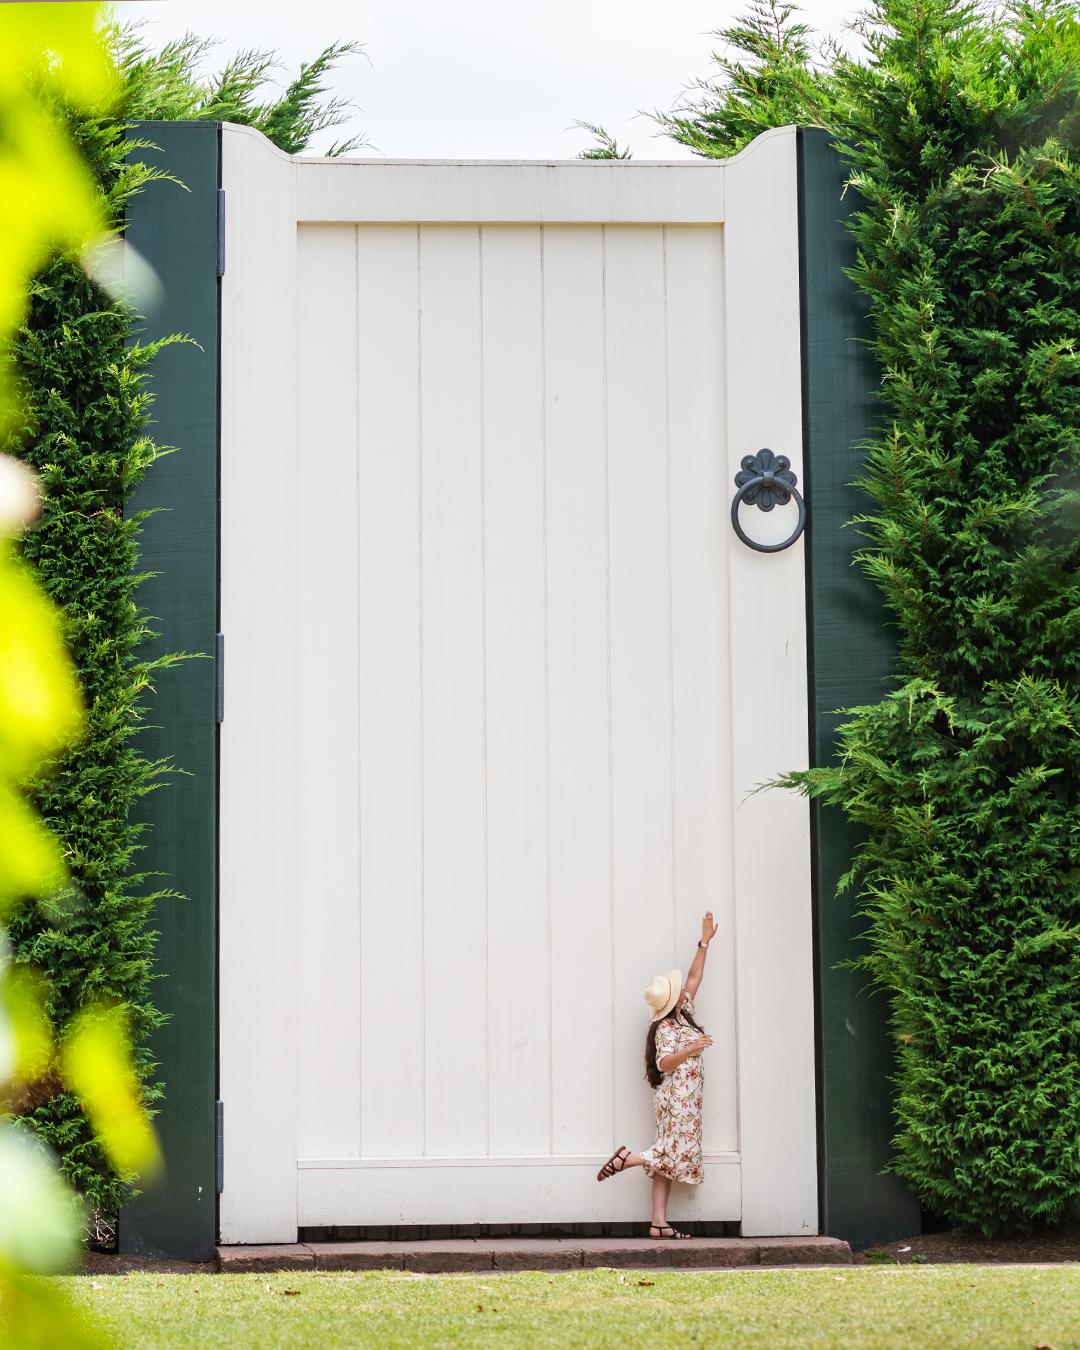 A giant door in the Surrealist Gardens in Hamilton